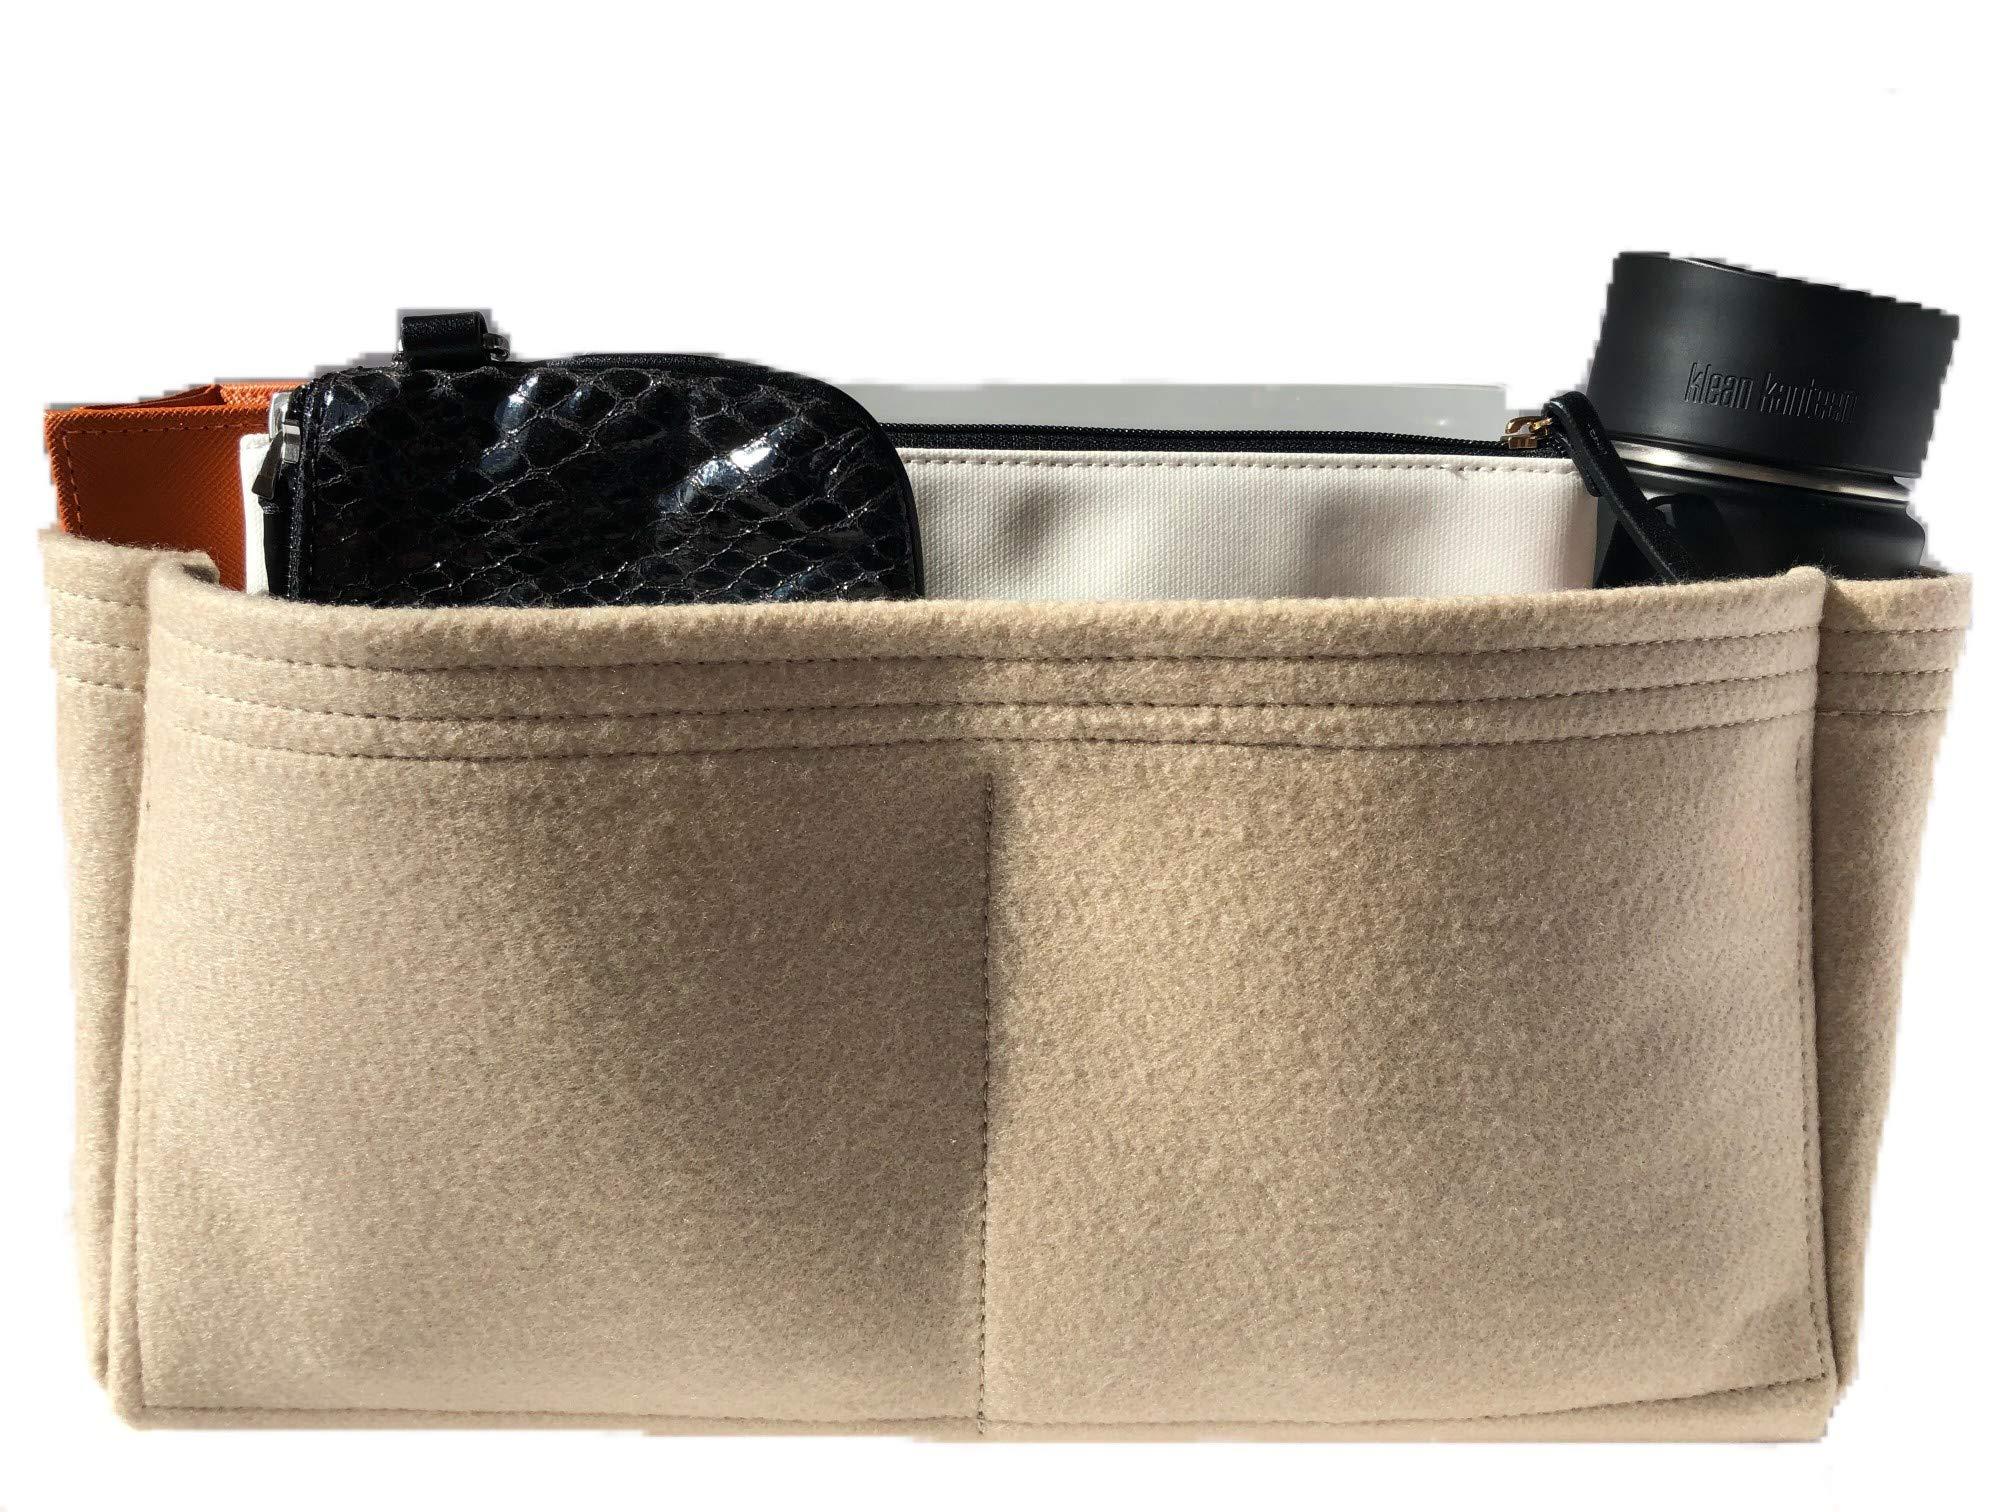 Purse Organizer Insert for LV Neverfull Handbag - Fits inside Louis Vuitton Neverfull GM bag - Thick Wool Blend Felt (GM, Beige)